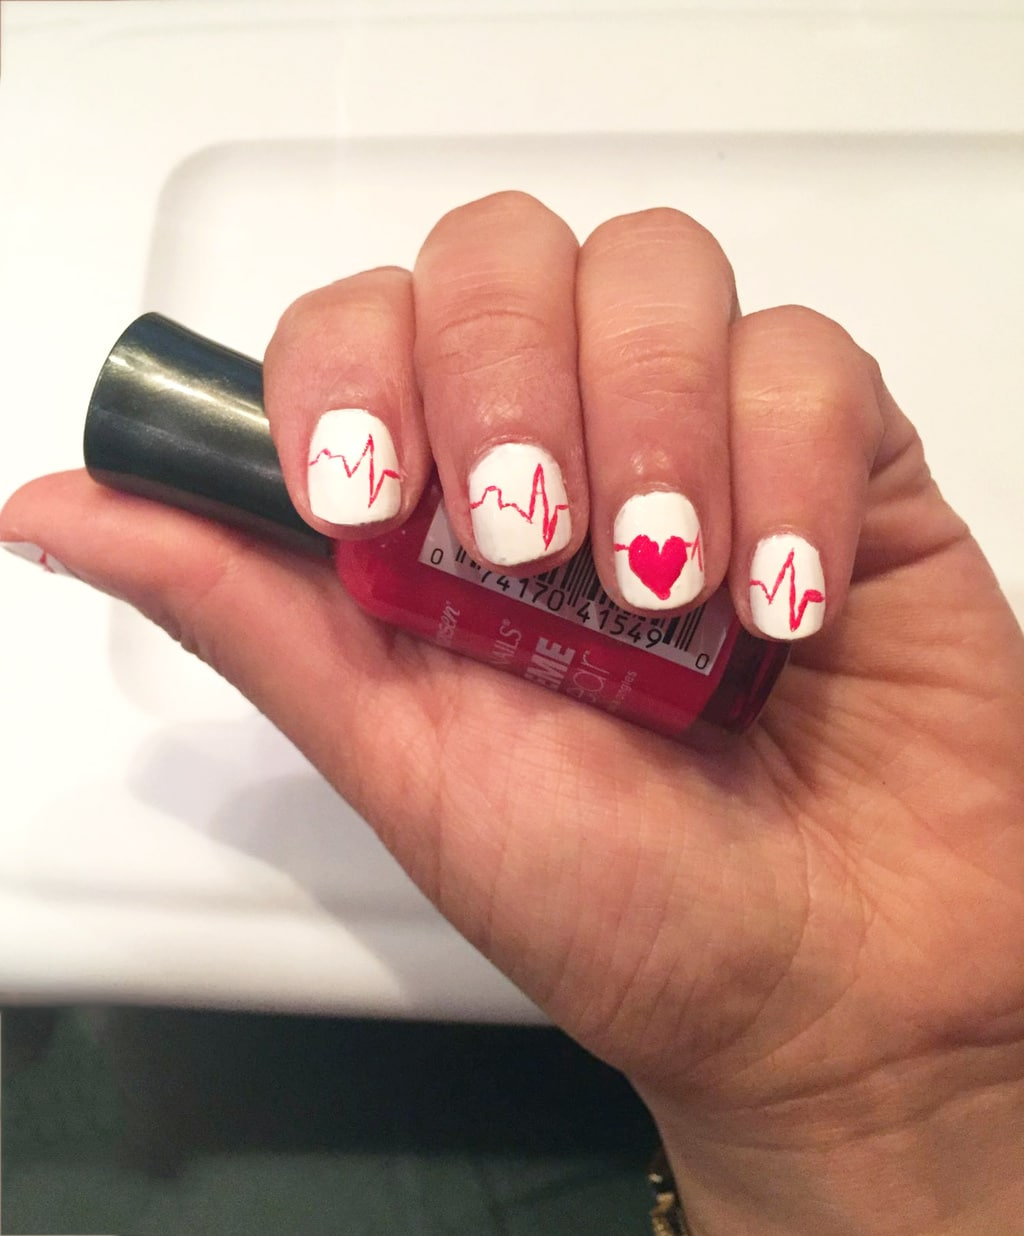 Medical nails